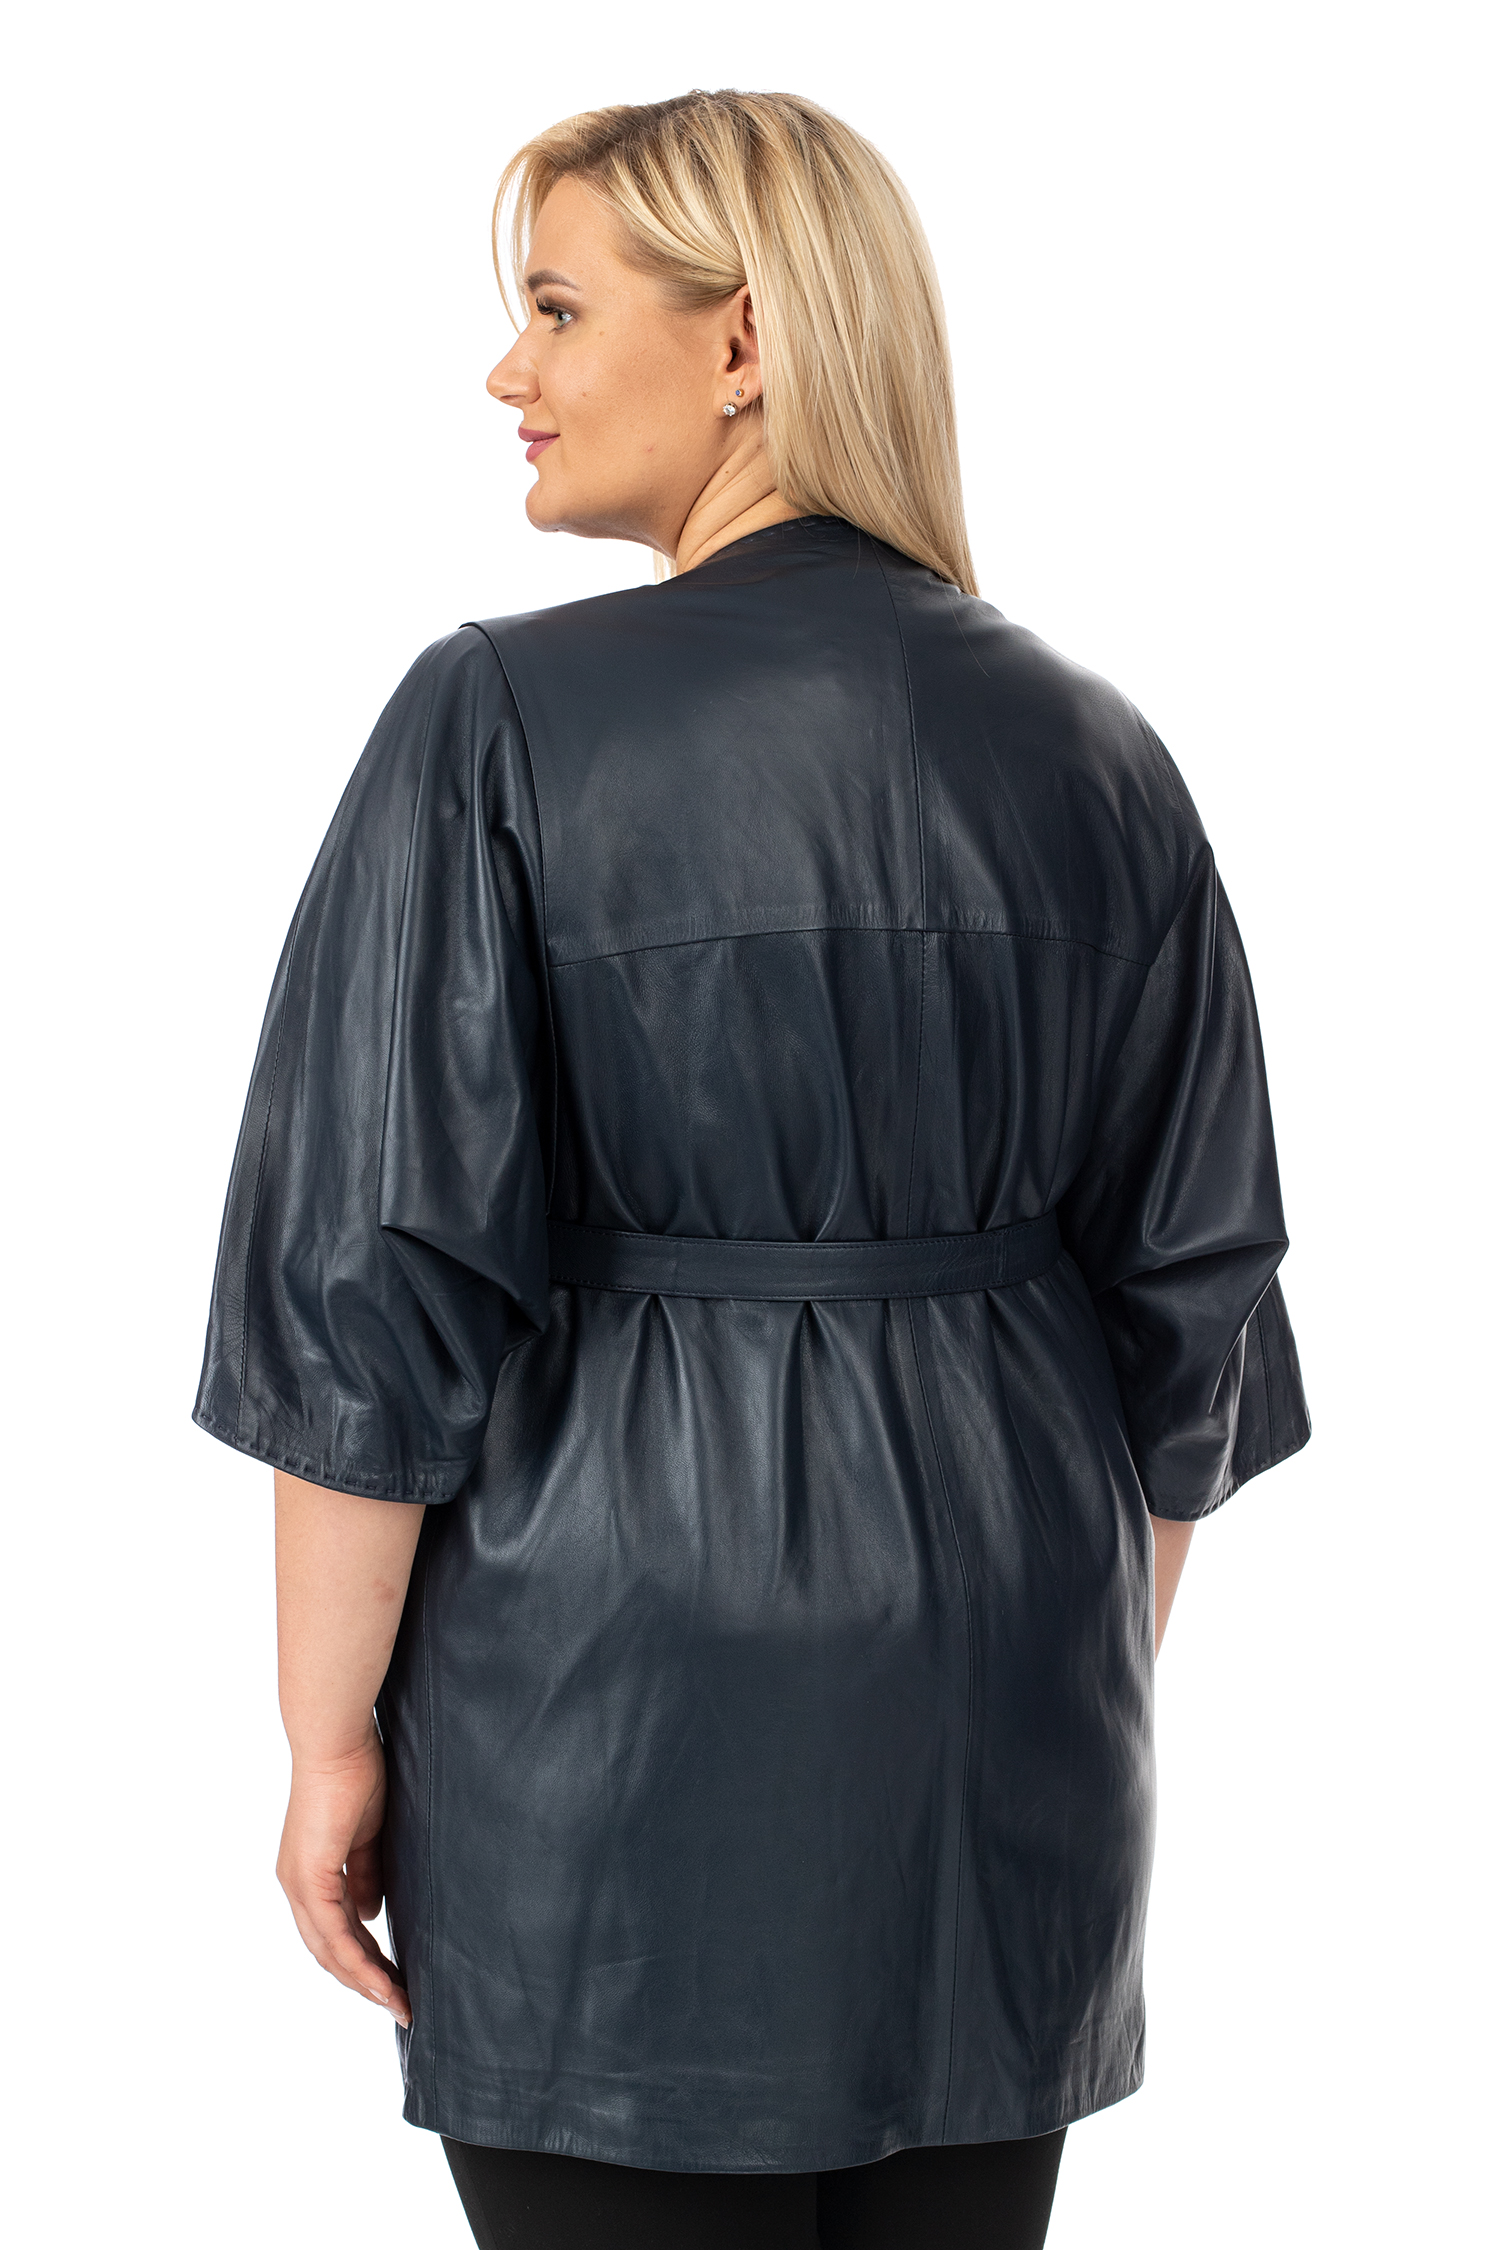 Фото 3 - Женское кожаное пальто из натуральной кожи без воротника от МОСМЕХА синего цвета